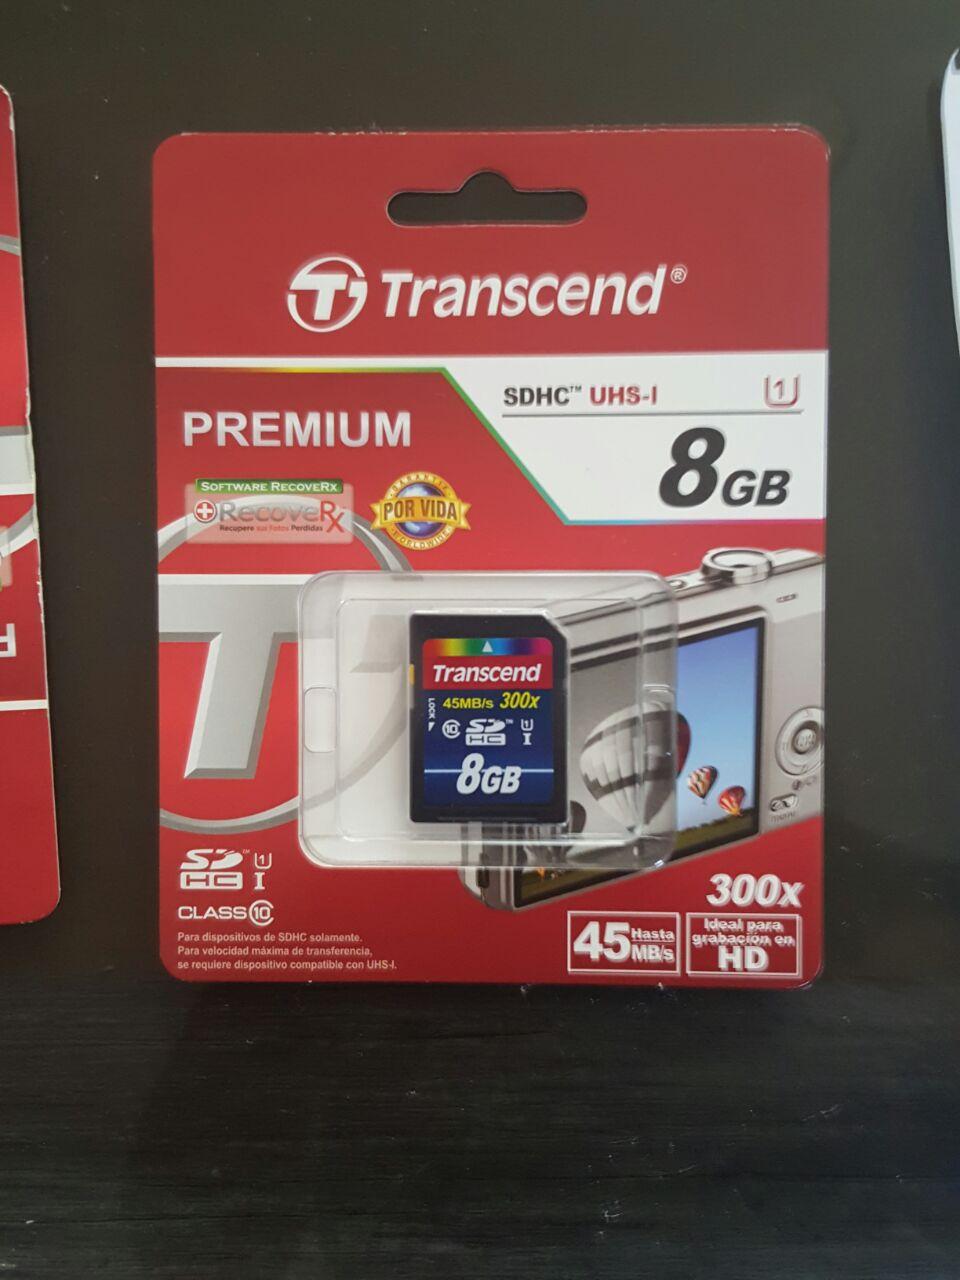 Walmart Cd. del Carmen:  Tarjeta de memoria SD, Transcend C10 de 8Gb a $49.01